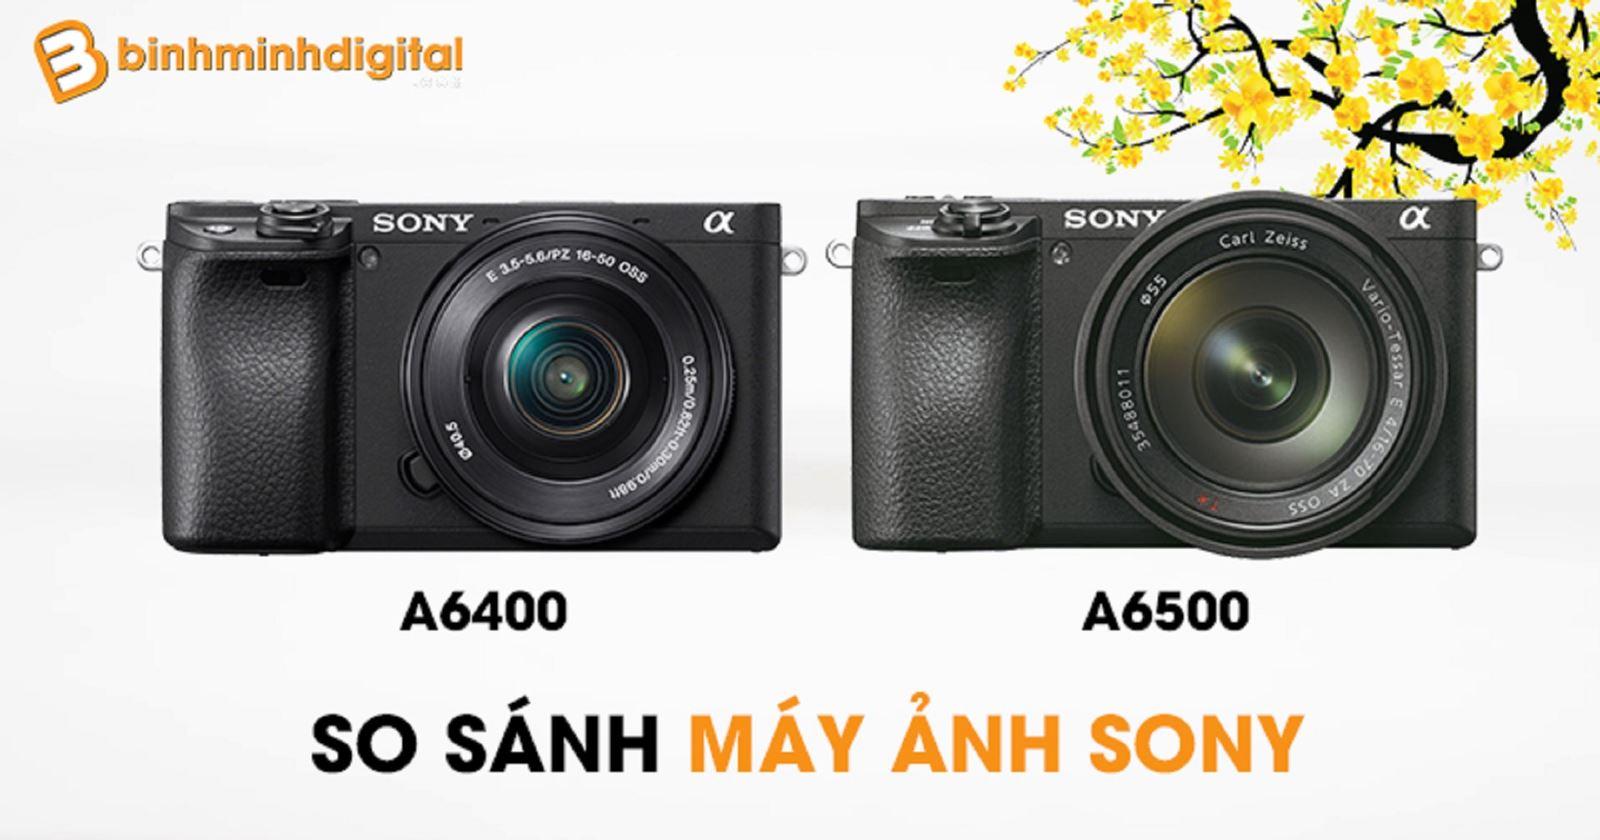 So sánh máy ảnh Sony a6400 vàa6500